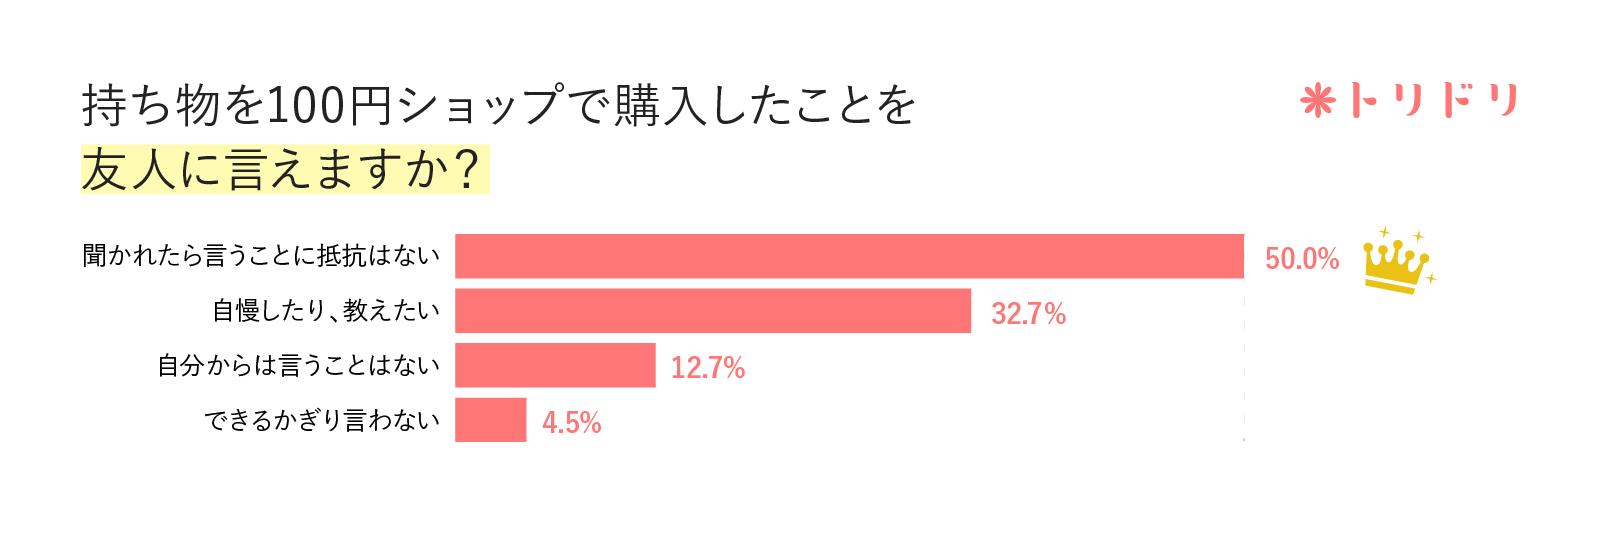 アンケート結果のグラフ:持ち物を100円ショップで購入したことを友人に言えますか?